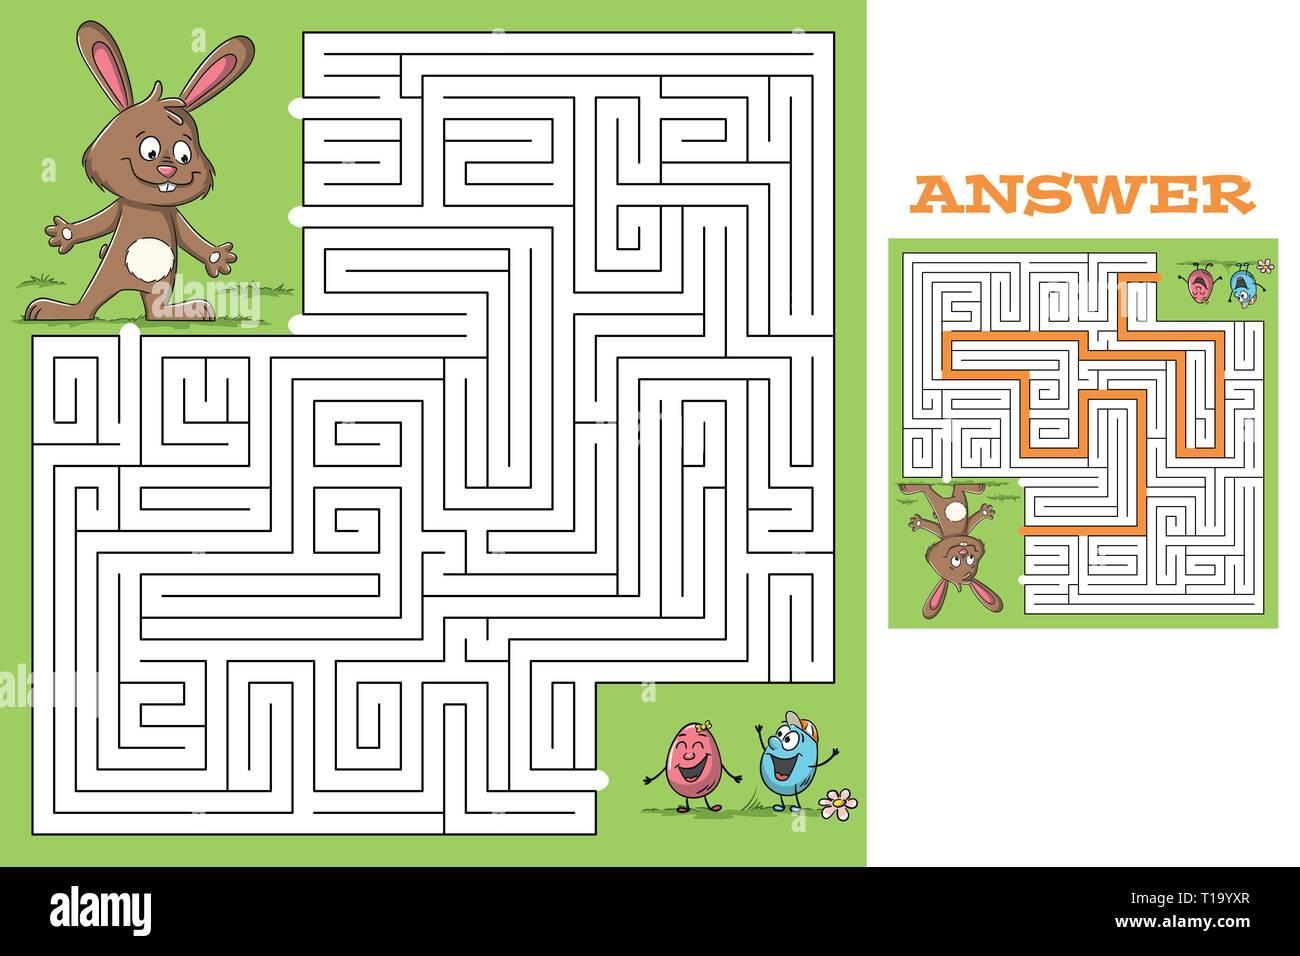 Dibujos animados juego puzzle de pascua con la solución. Ilustración vectorial con capas separadas. Ilustración del Vector